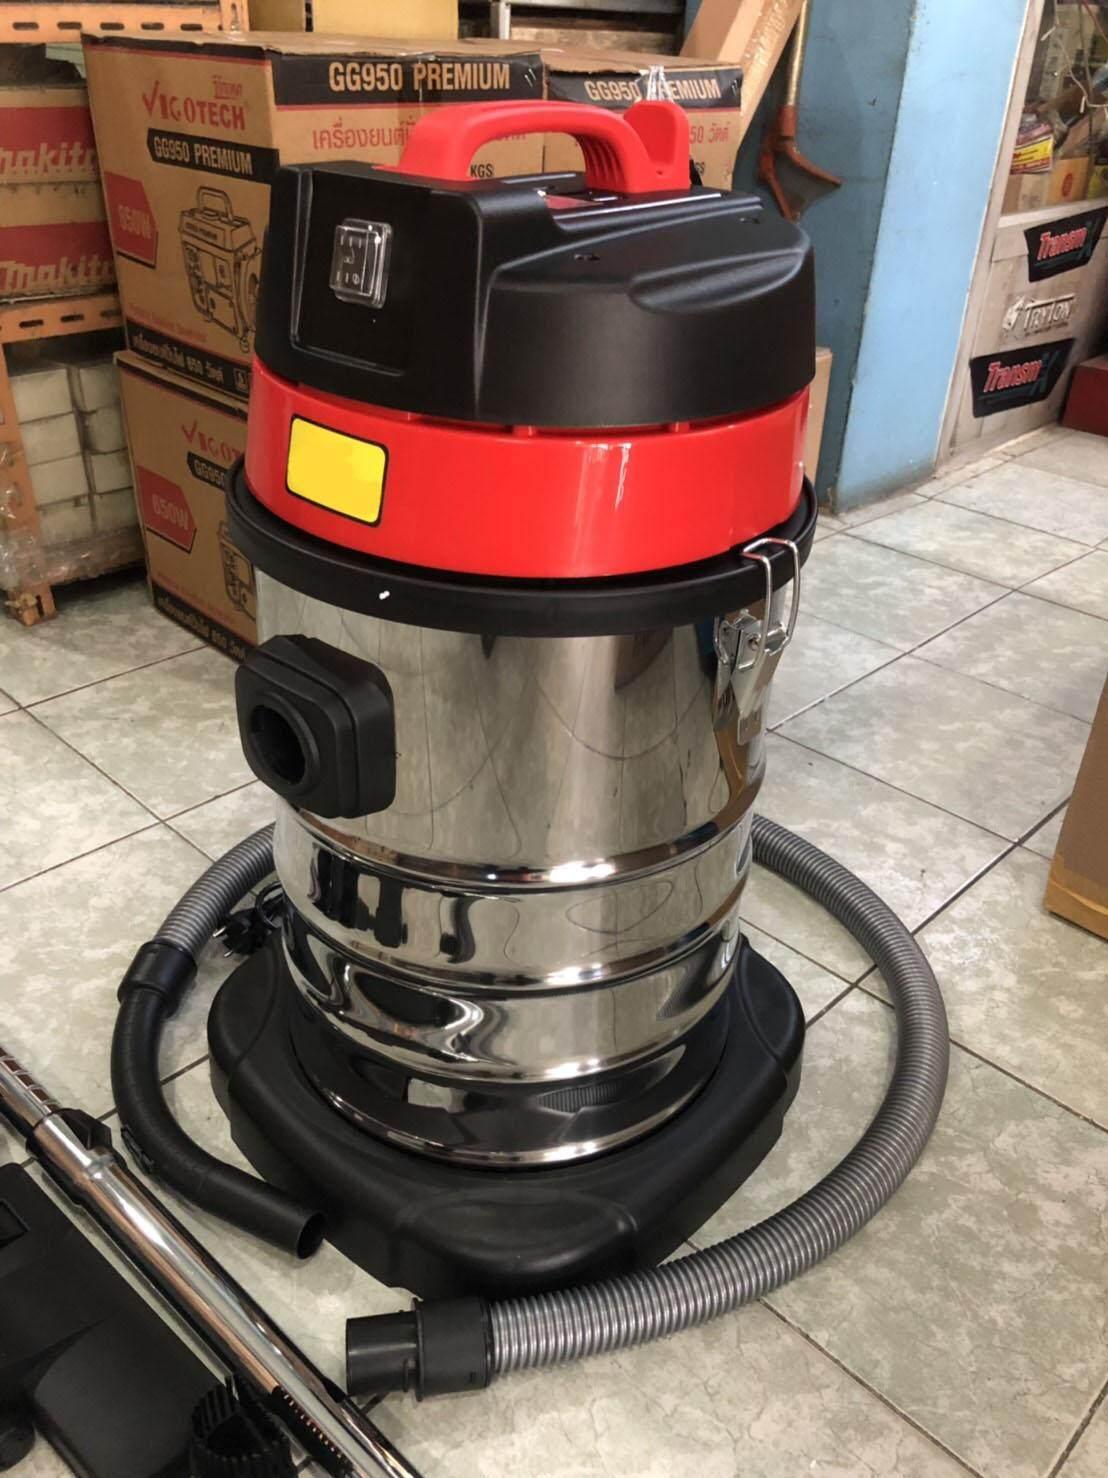 เครื่องดูดฝุ่น ดูดน้ำ ขนาด 30 ลิตร  Wet And Dry Vacuum Cleaner ยี่ห้อ XYLON  รุ่น XY-30XS รับประกันความพอใจ